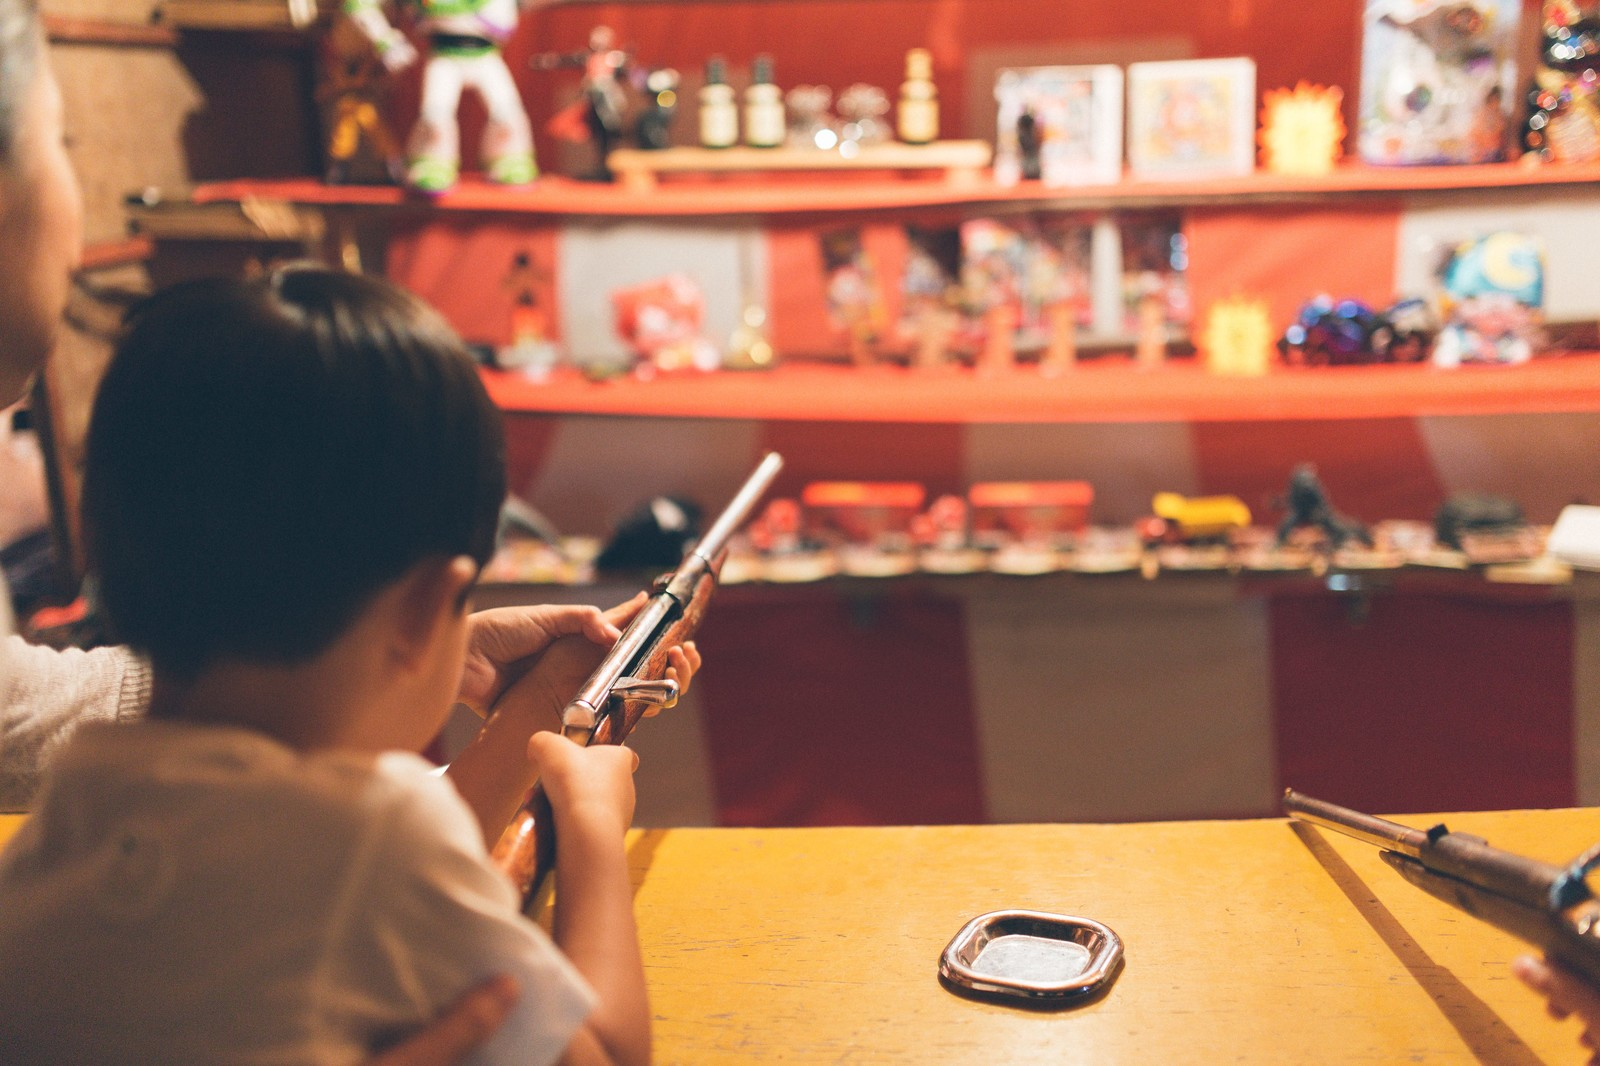 「お祭りの出店にある射撃で銃を構える子供」の写真